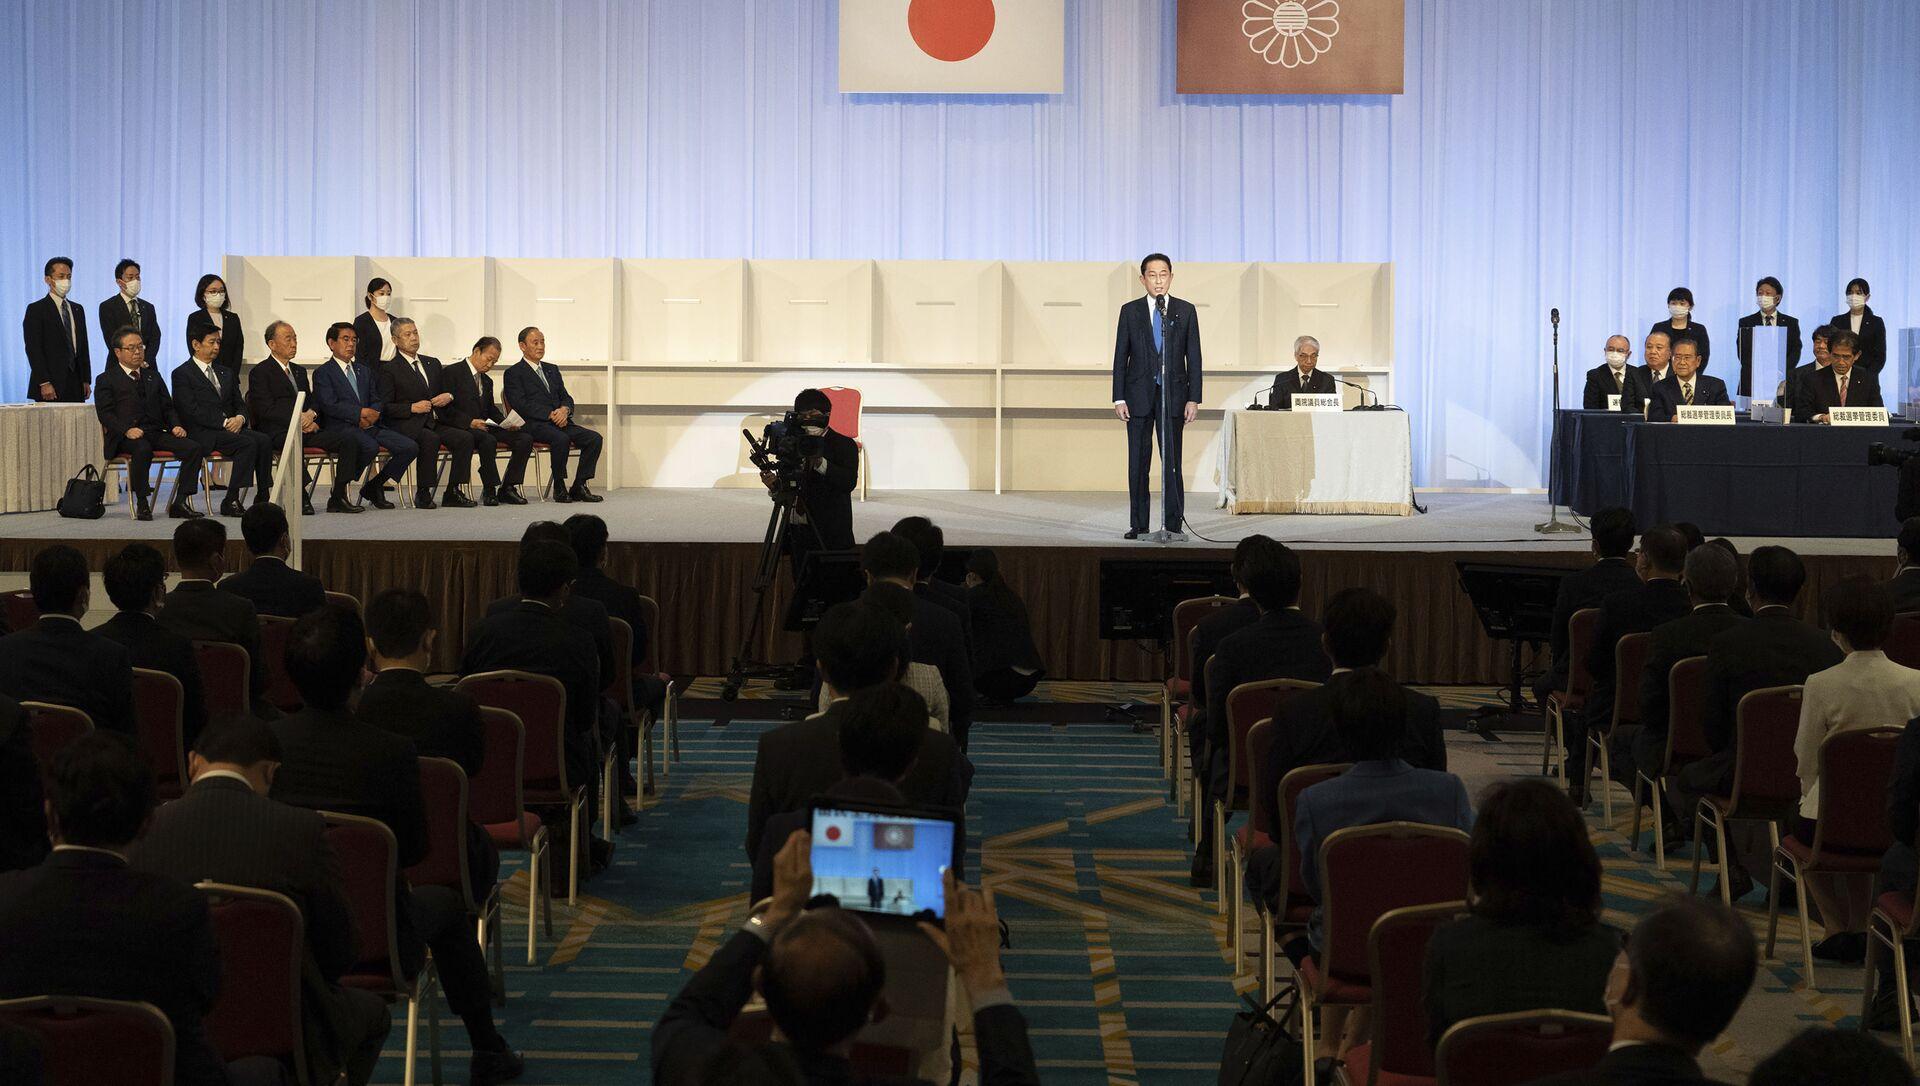 日本の岸田新首相はどのような政策をとるのか?河野氏はなぜ敗れたのか? 日本の専門家が答える - Sputnik 日本, 1920, 29.09.2021